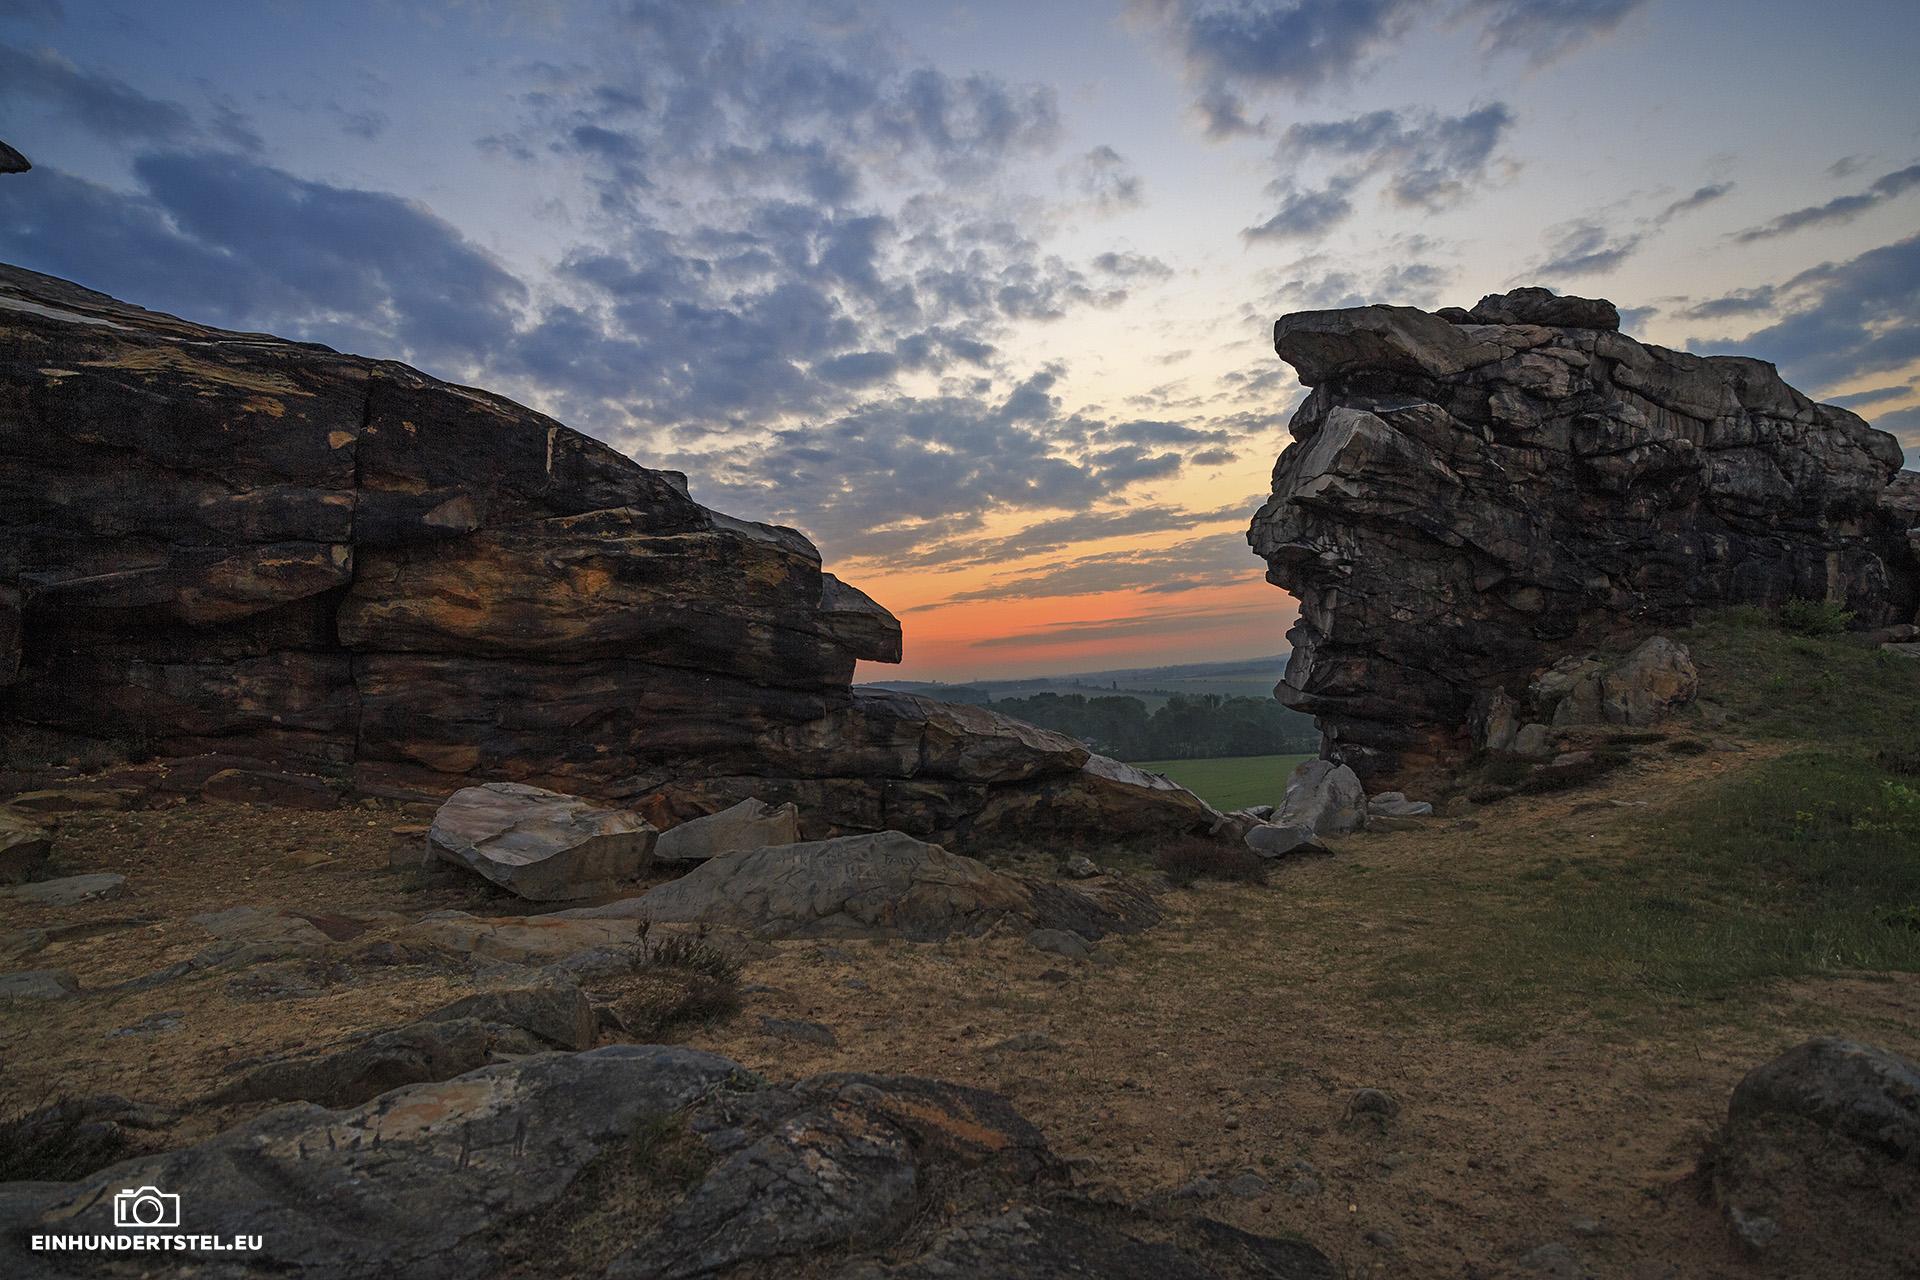 Felsen der Teufelsmauer im Sonnenaufgang. Leicht bewölkt.